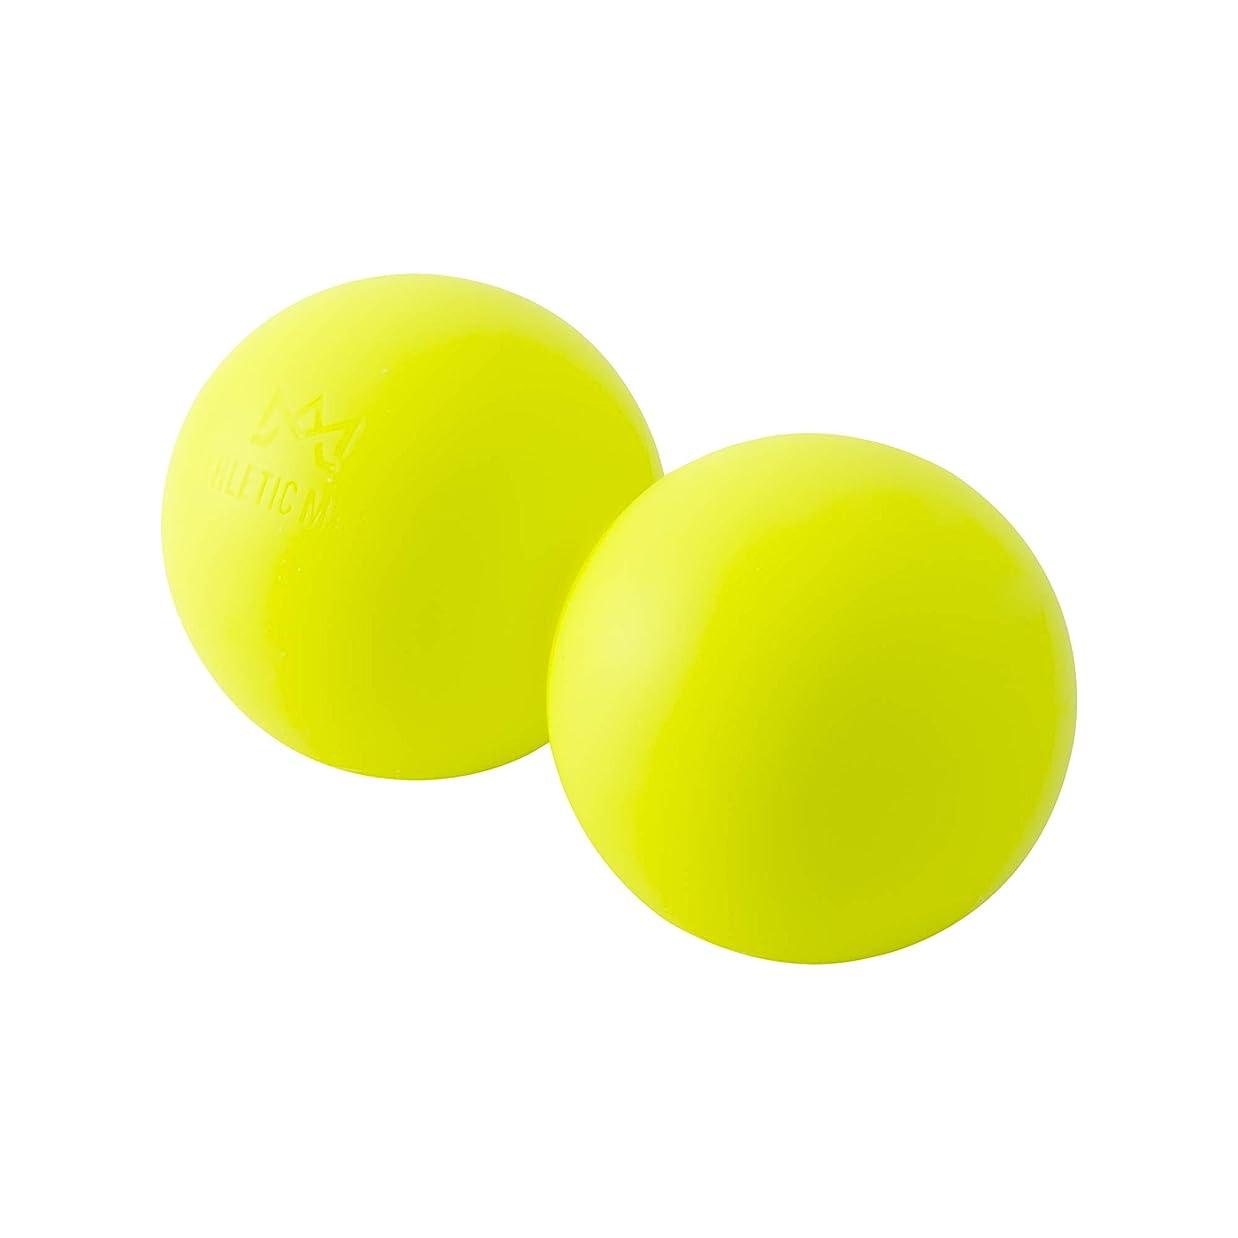 辛い北政治家ATHLETIC MART ピーナッツ型ストレッチボール マッサージボール ラクロスボール2個サイズ ツボ押し (蛍光イエロー)